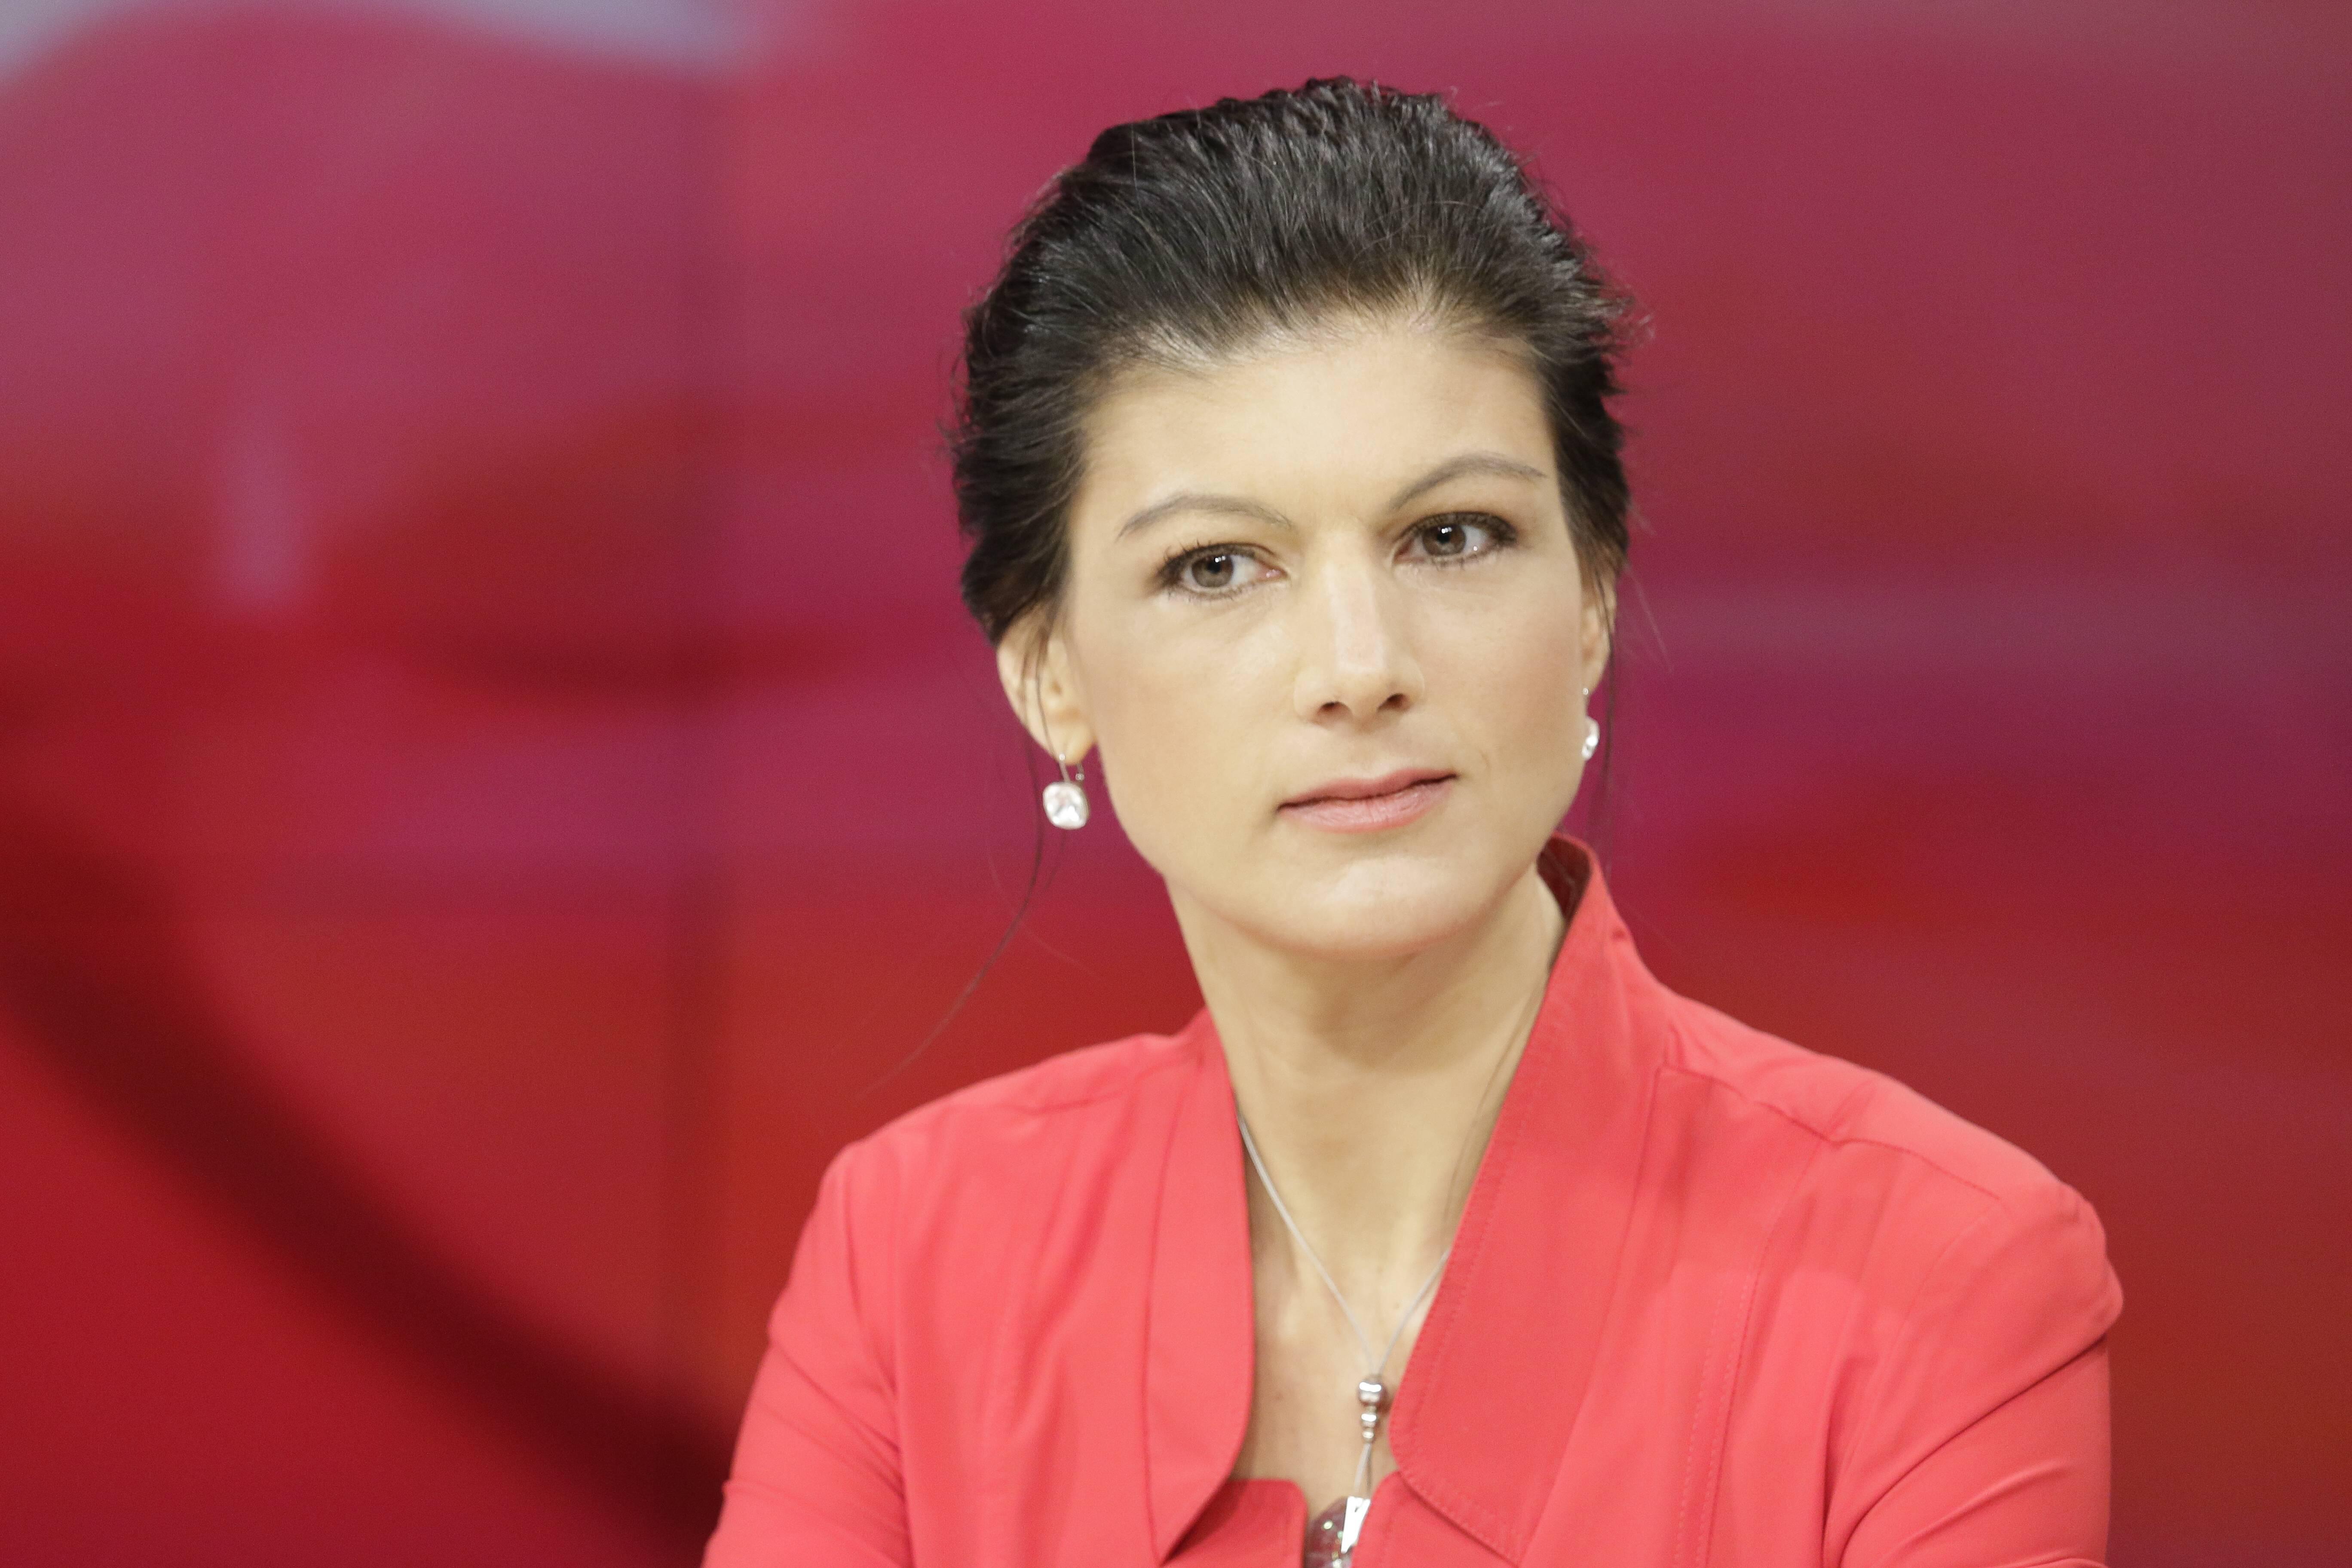 Bild zu Bundestagswahl, Sahra Wagenknecht, Dietmar Bartsch, Interview, Wahl 2017